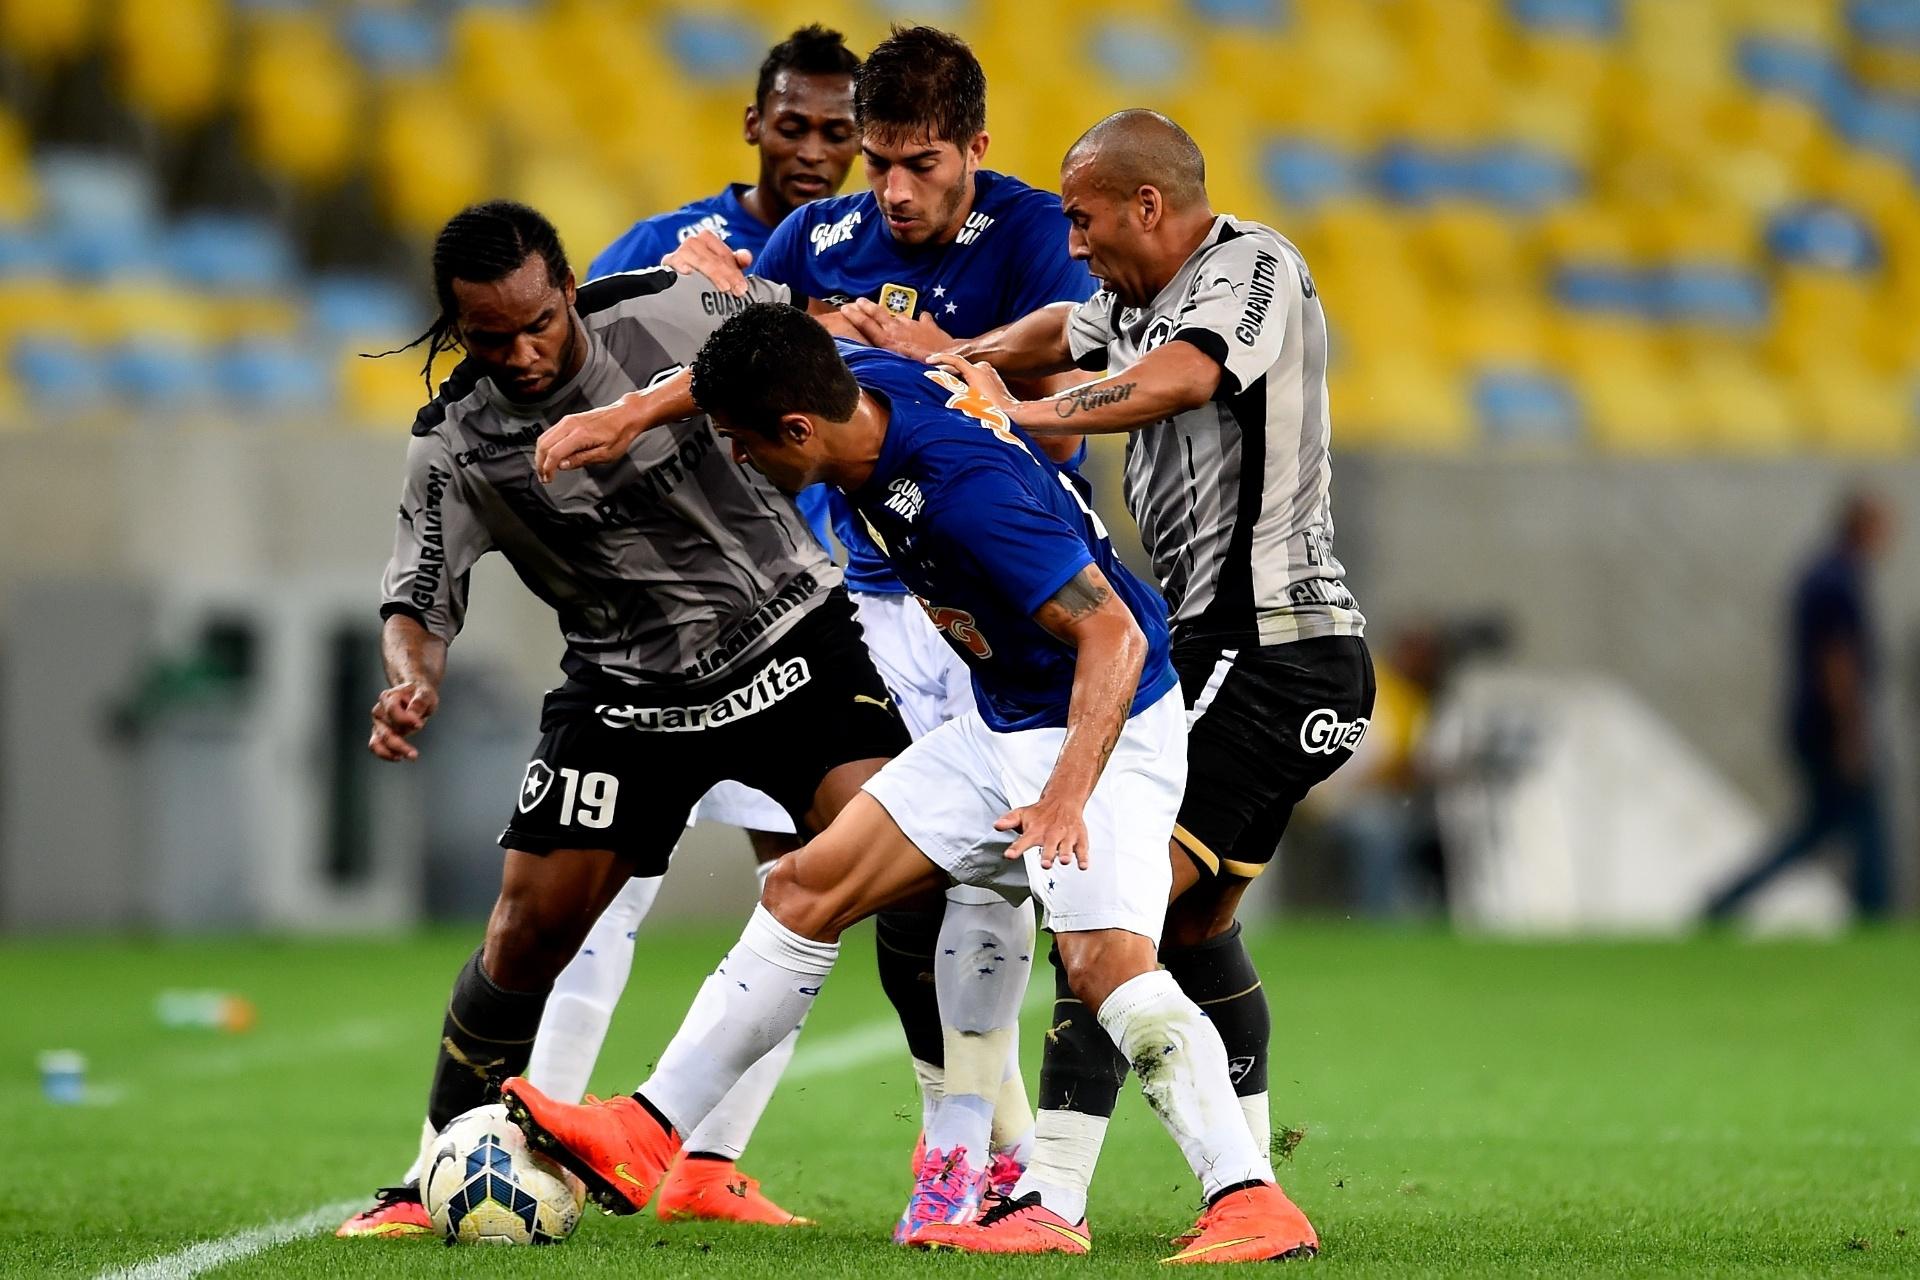 02.ago.2014 - Jogadores de Botafogo e Cruzeiro brigam pela bola no empate por 1 a 1 no Maracanã, pelo Brasileirão